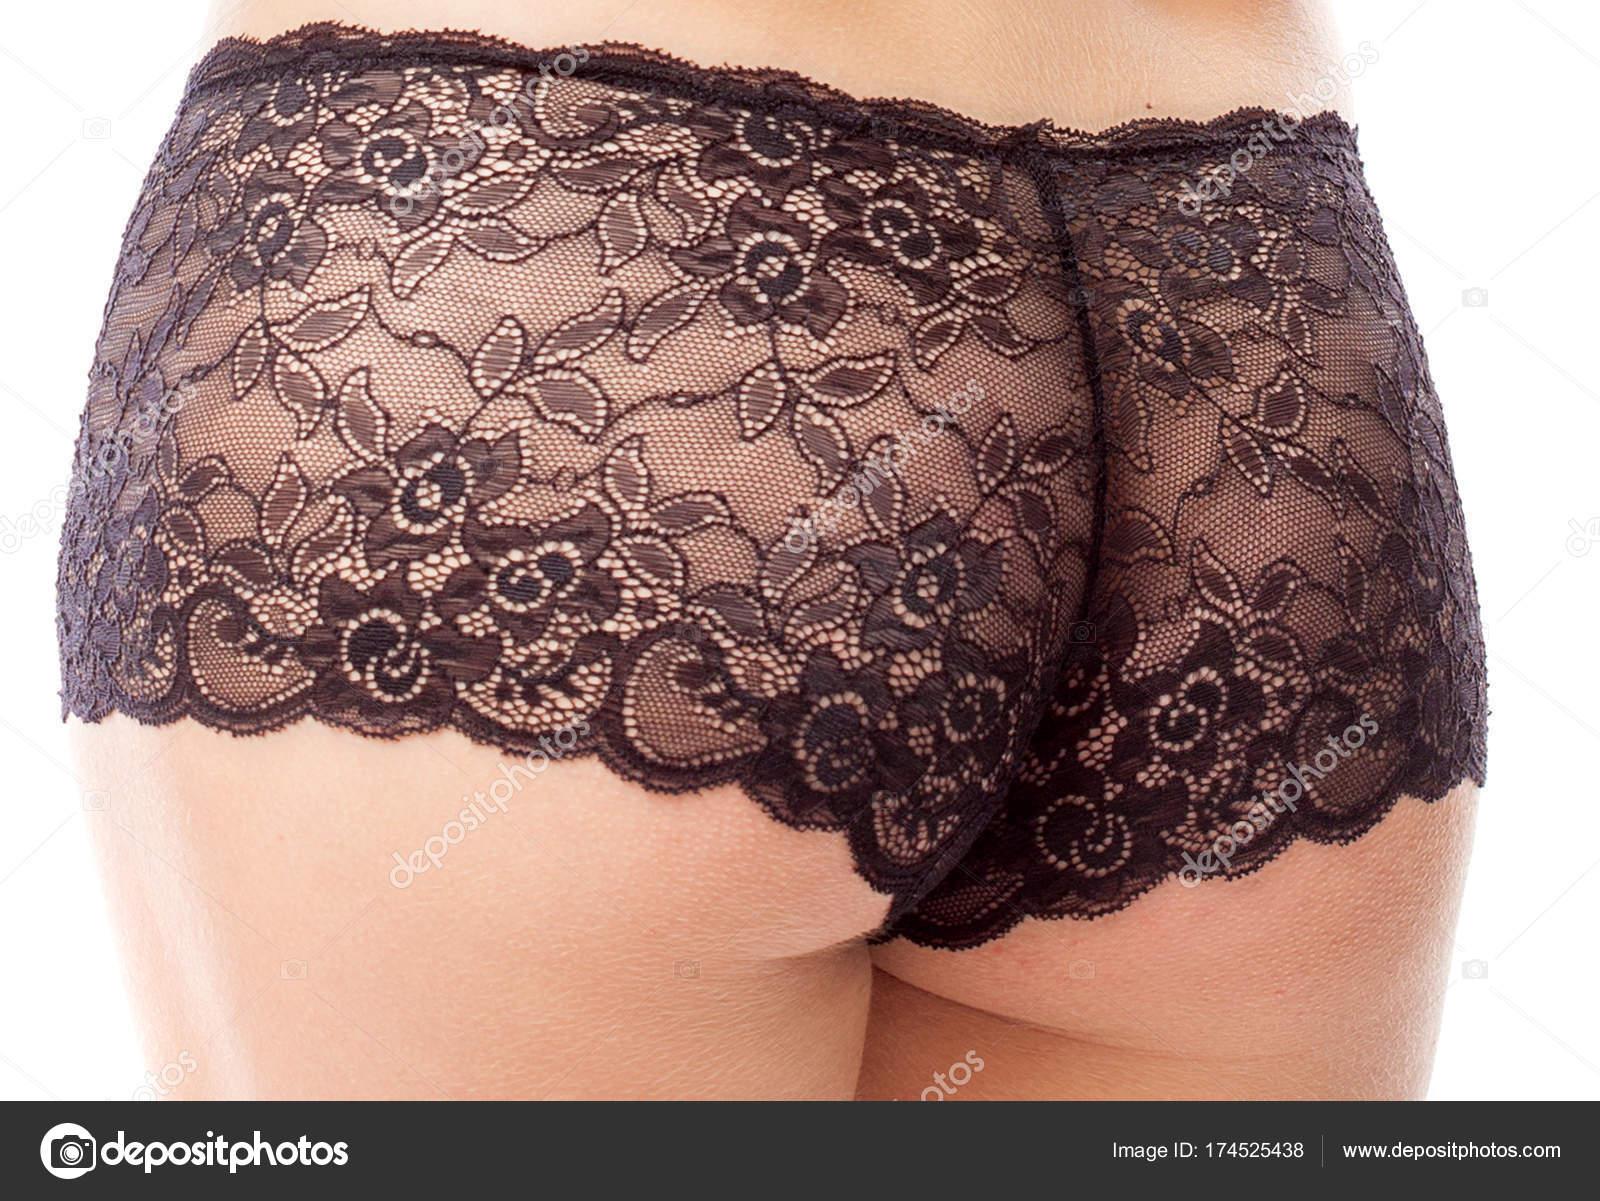 6810cce89 Mulher de calcinha de renda preta. Isolado no fundo branco — Fotografia de  Stock